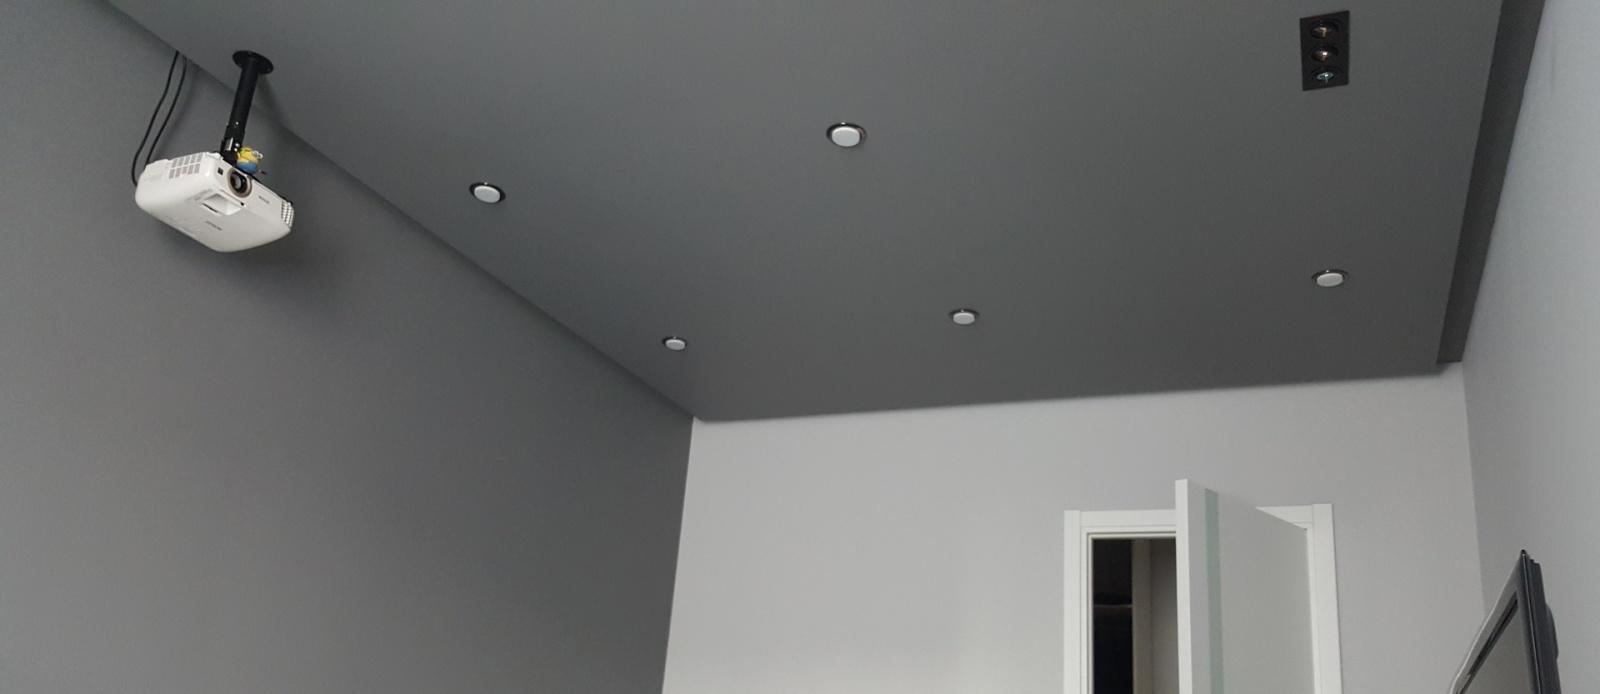 Проектор для кино на примере Epson EH-TW6700. Обзор и сравнение с LCD TV - 5